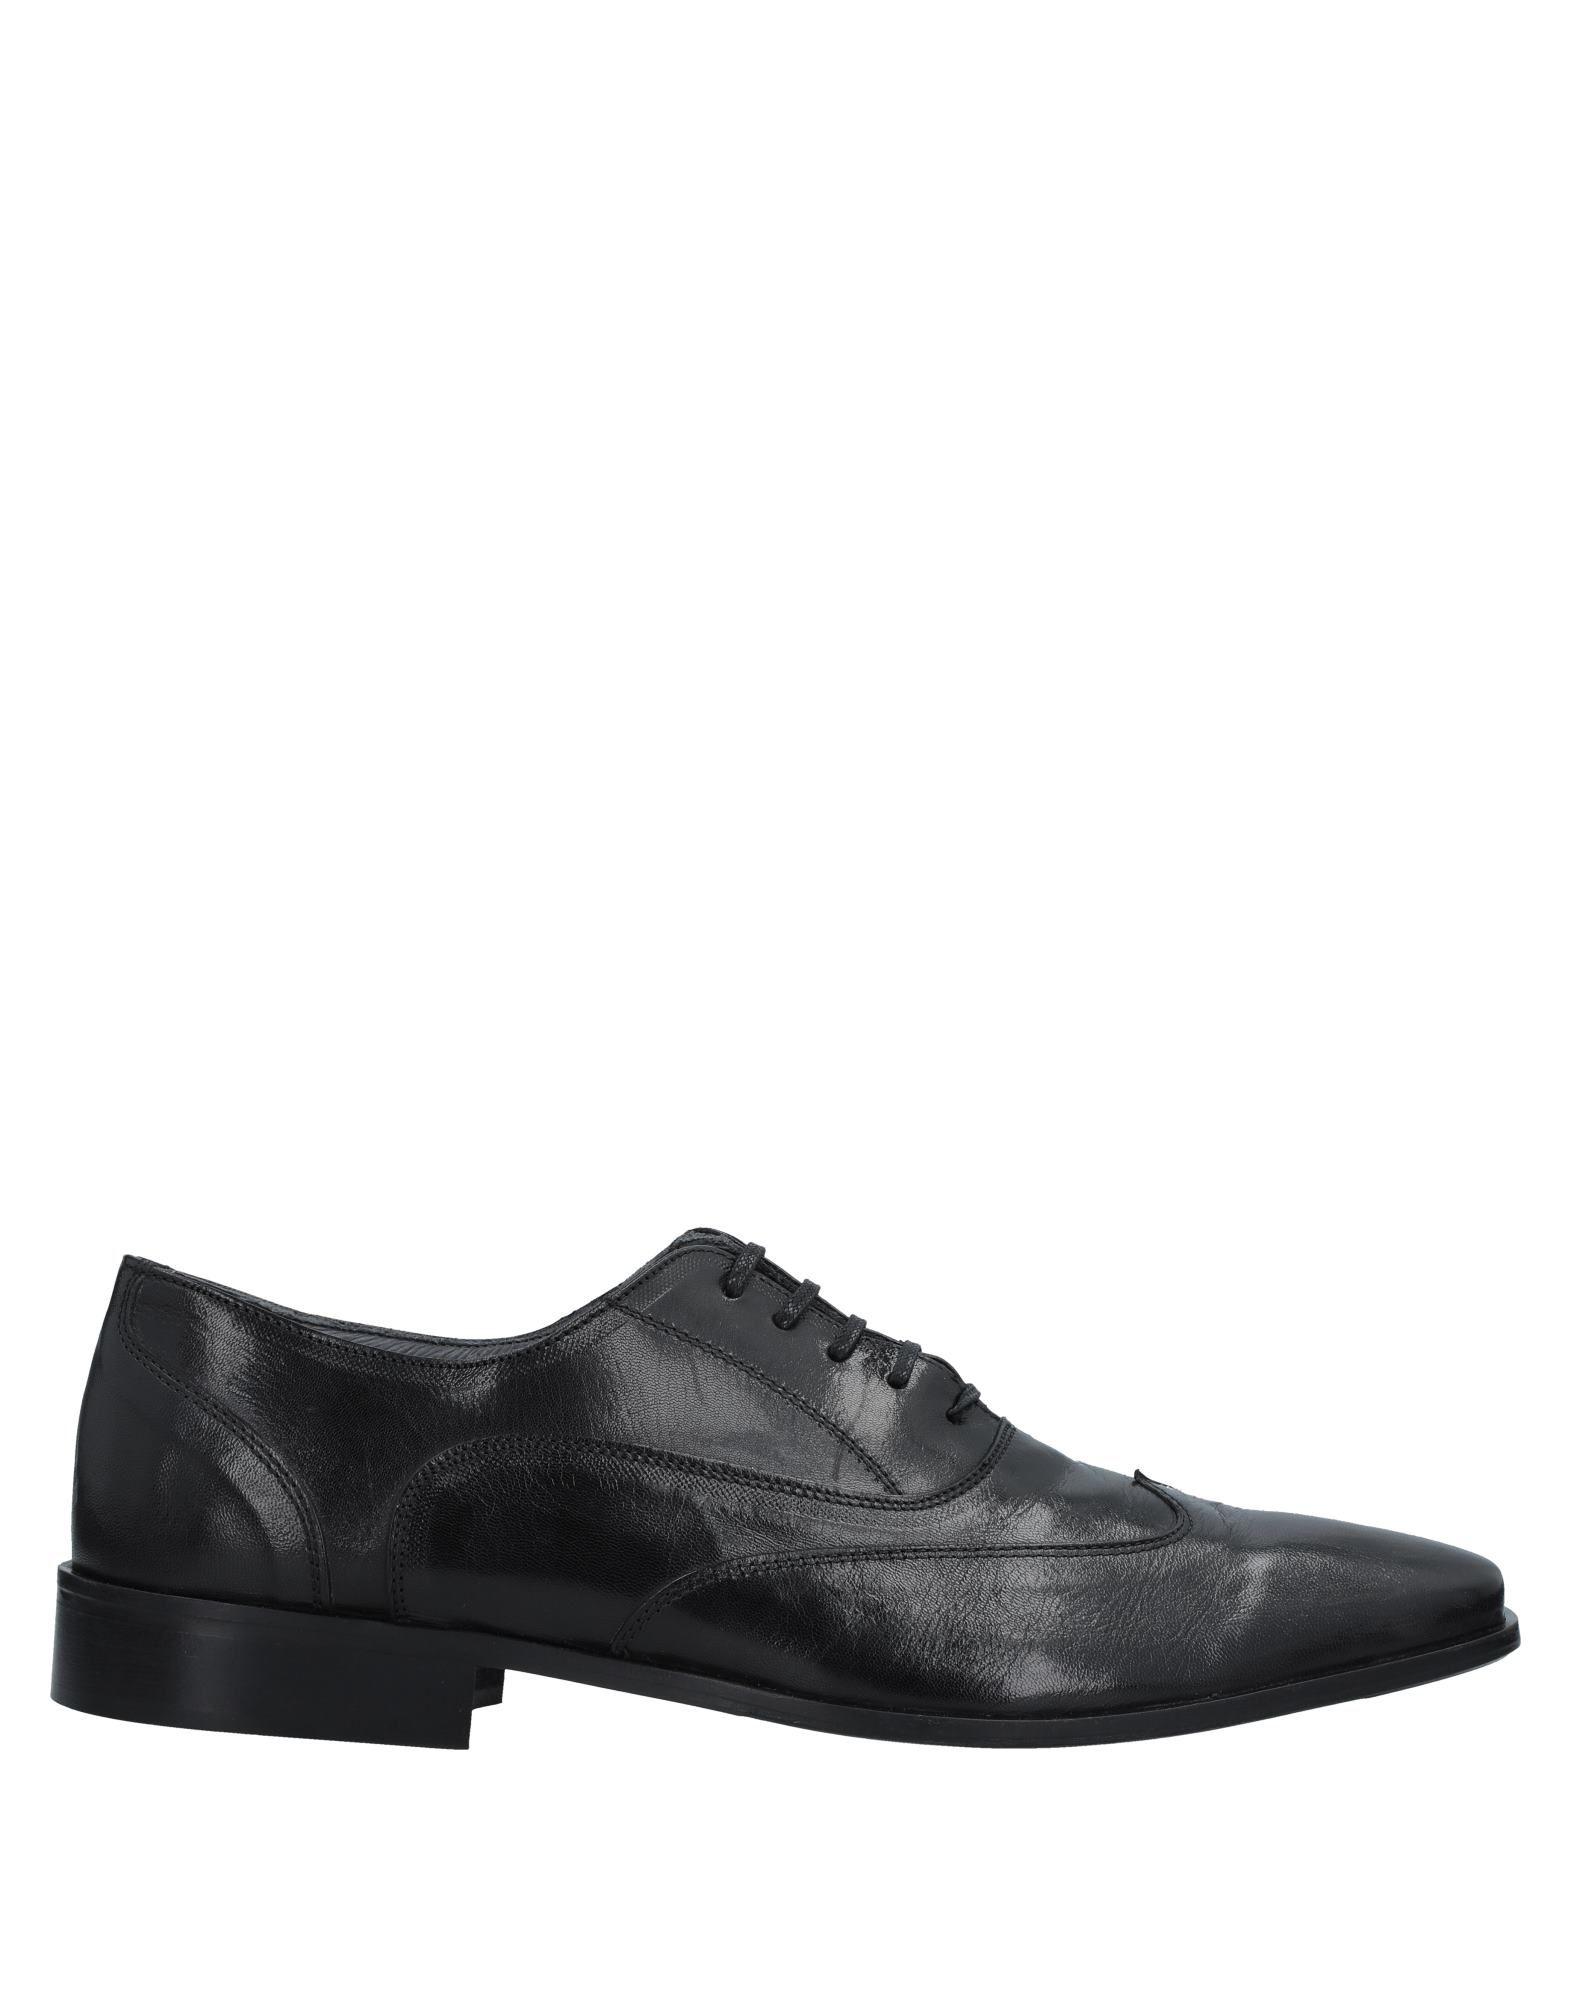 Rabatt echte Schuhe Herren Crisci Schnürschuhe Herren Schuhe  11533737MS f92d42